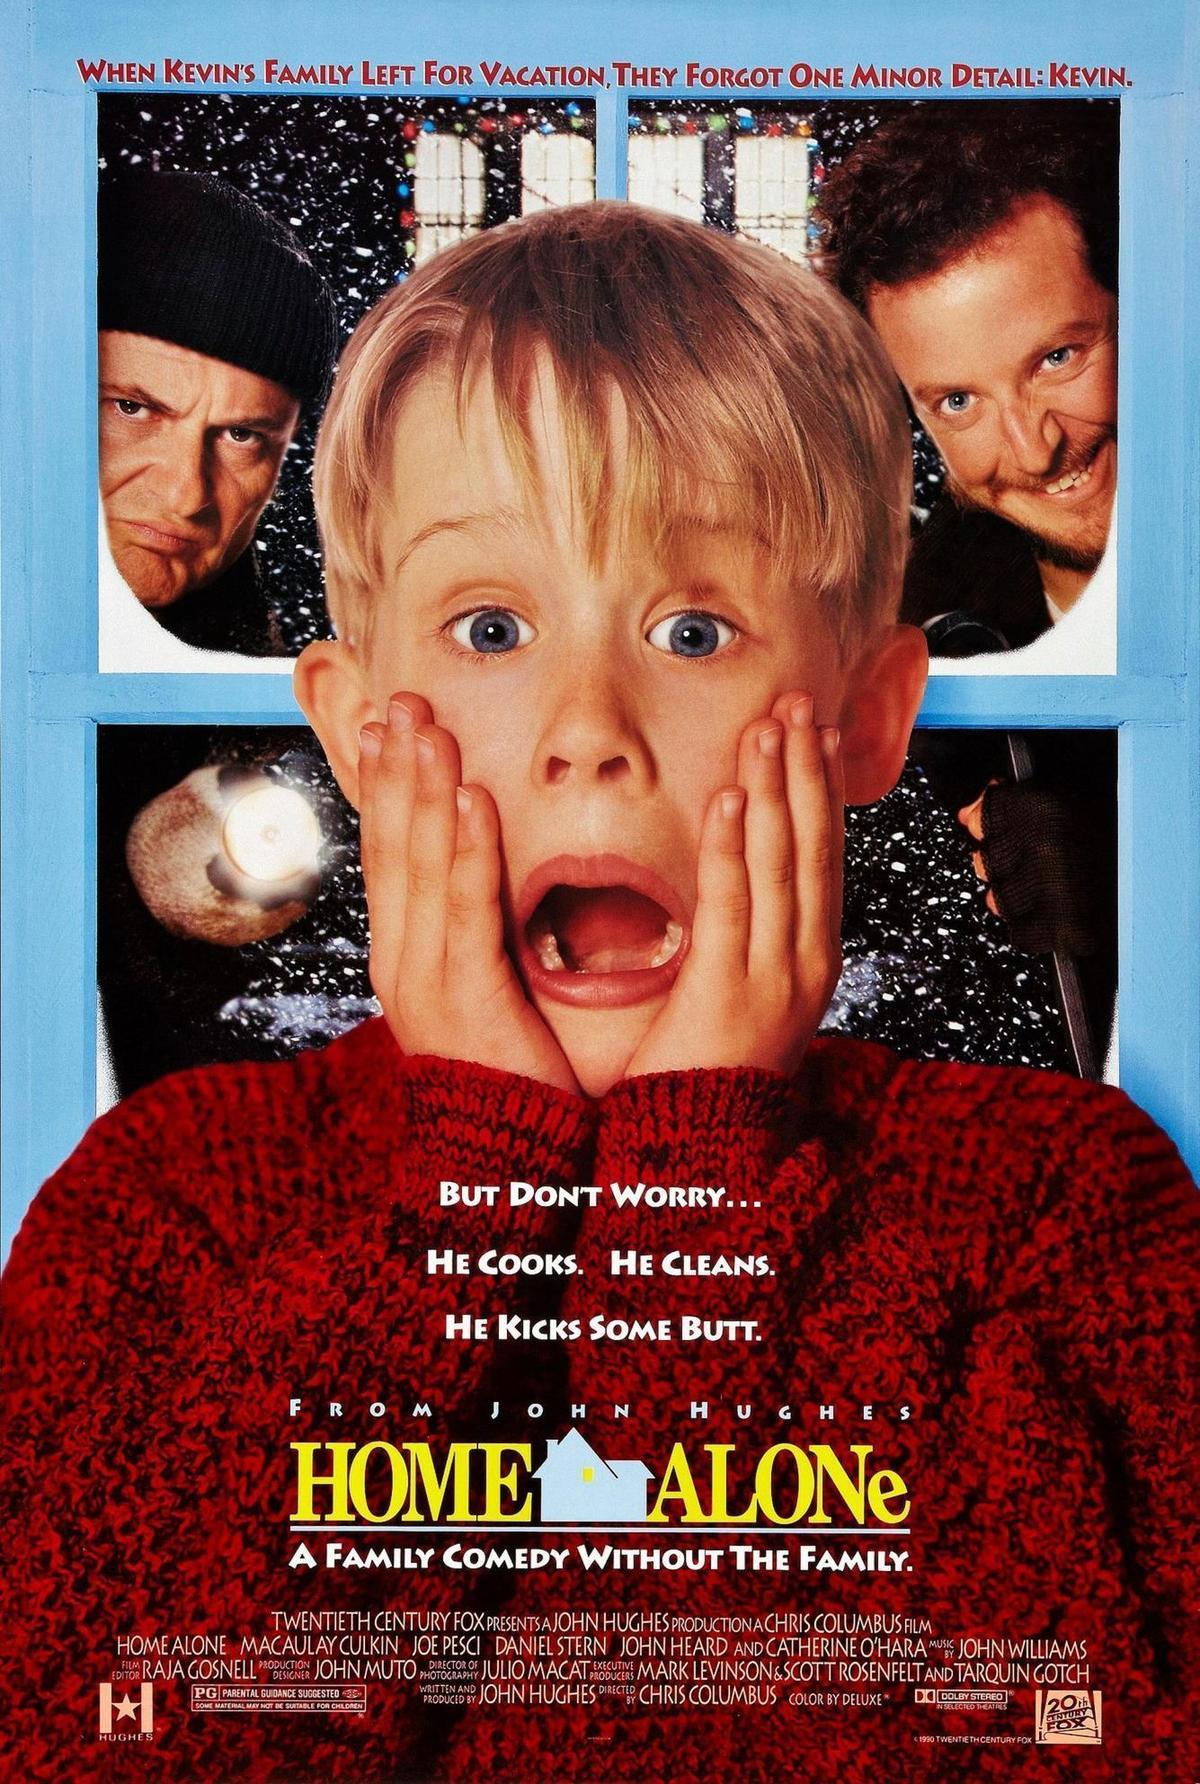 當年麥考利克金在《小鬼當家》中鬼靈精怪的形象相當討喜。(翻攝自imdb)